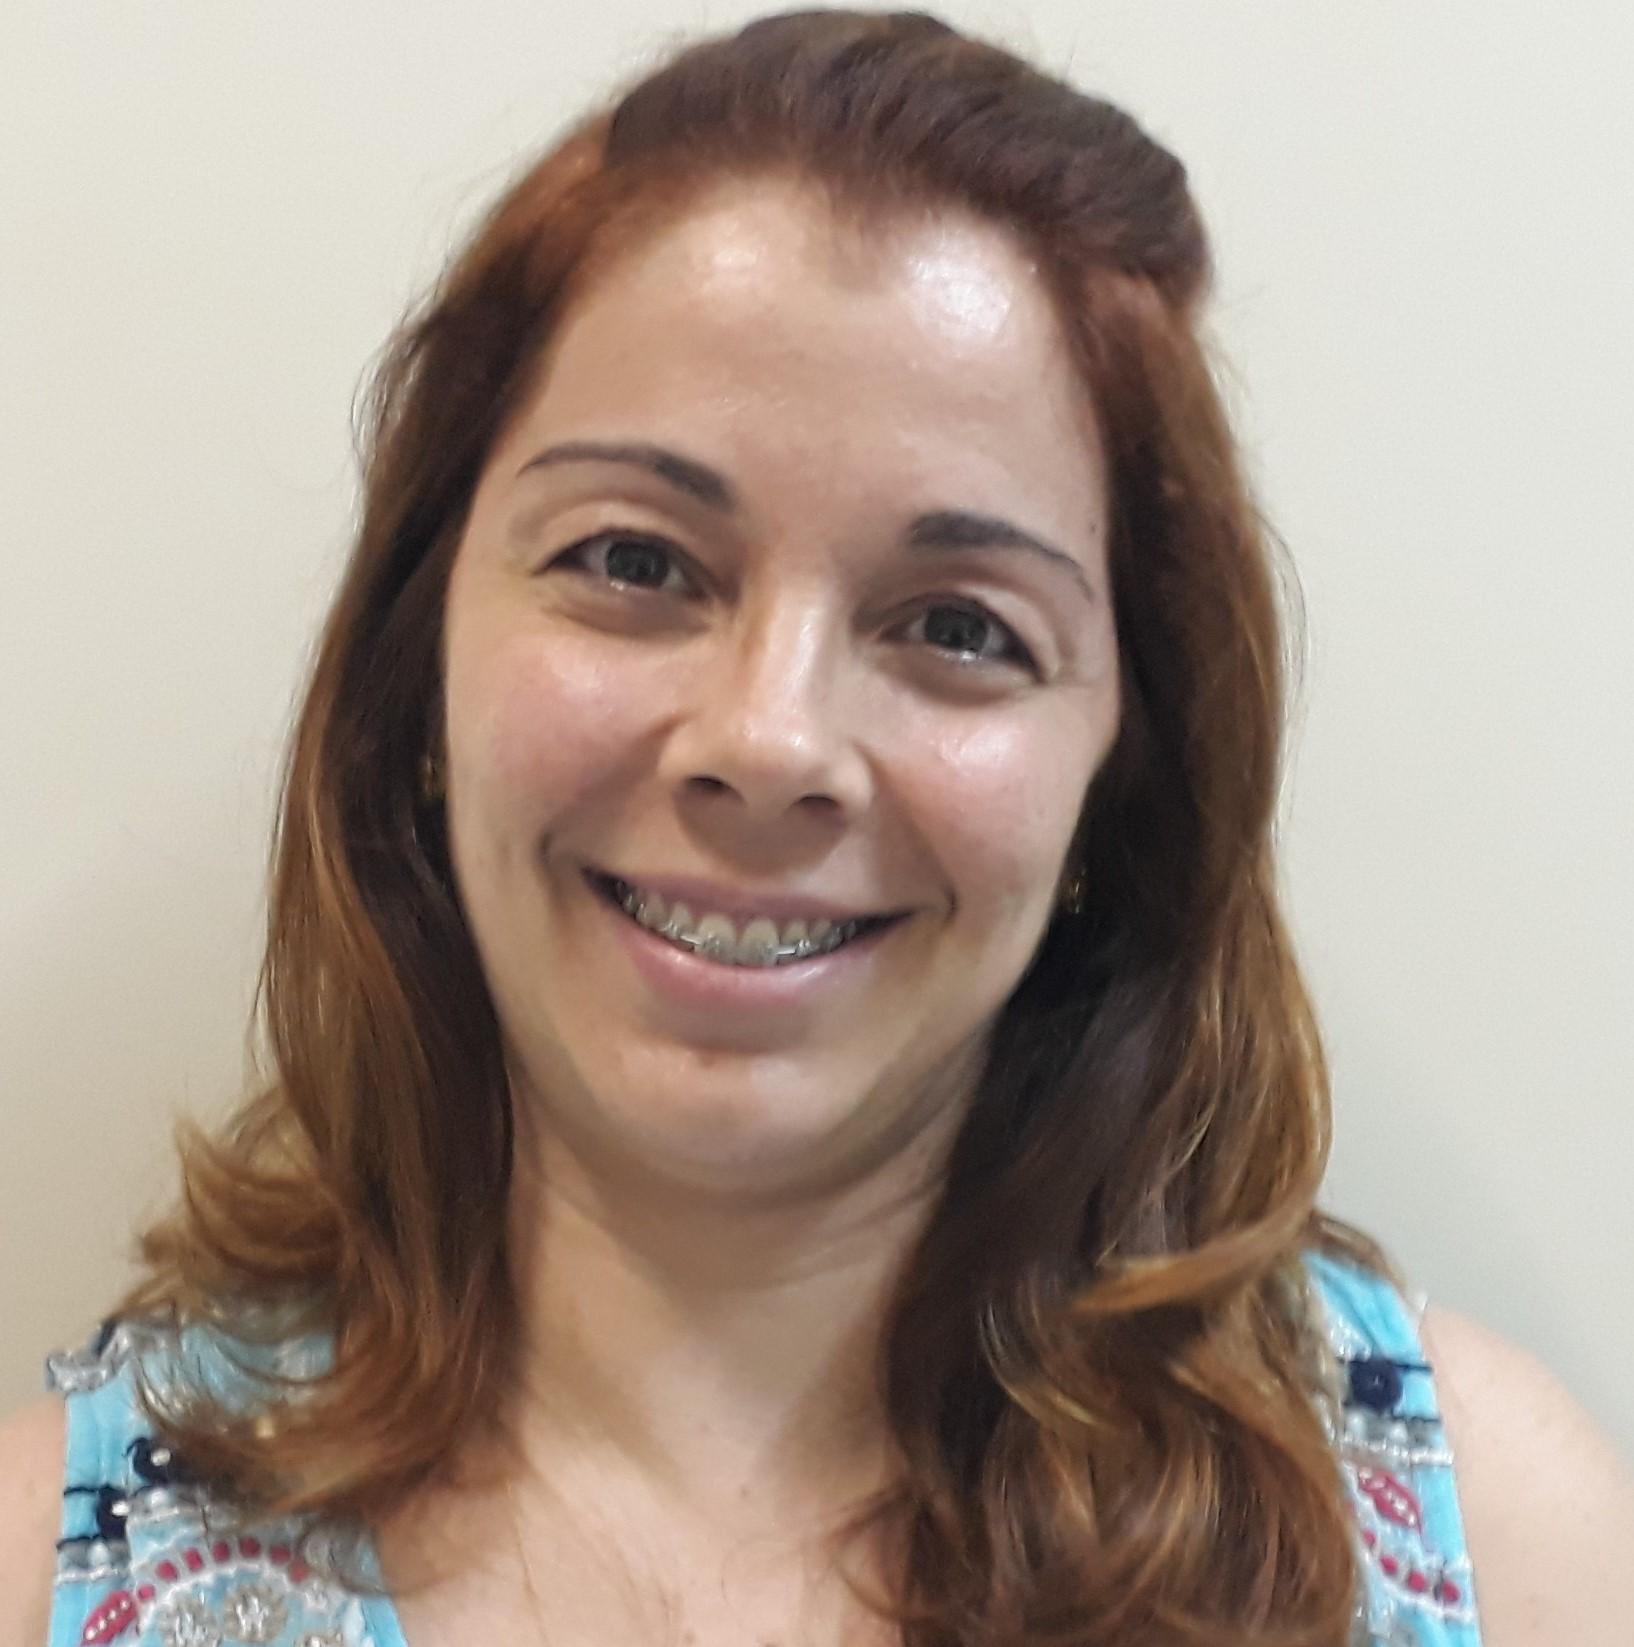 Coordenador(a) Profa. Me. Angela Catuta Ferreira Ebner